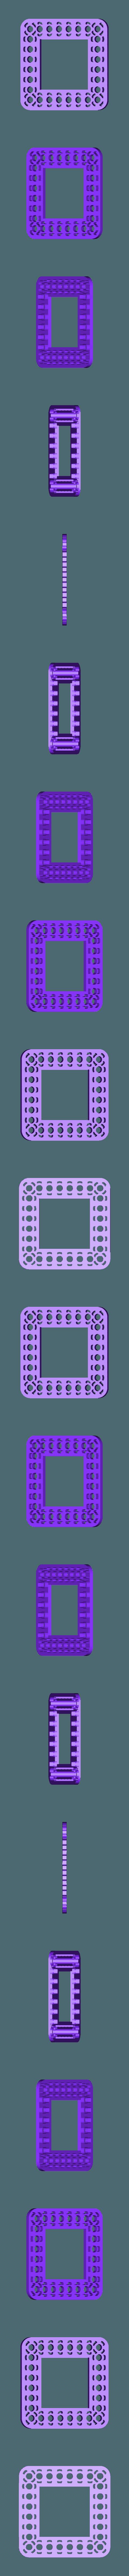 square_8_8.STL Télécharger fichier STL gratuit MEGA Expansion 200+ Pièces • Plan à imprimer en 3D, Pwentey